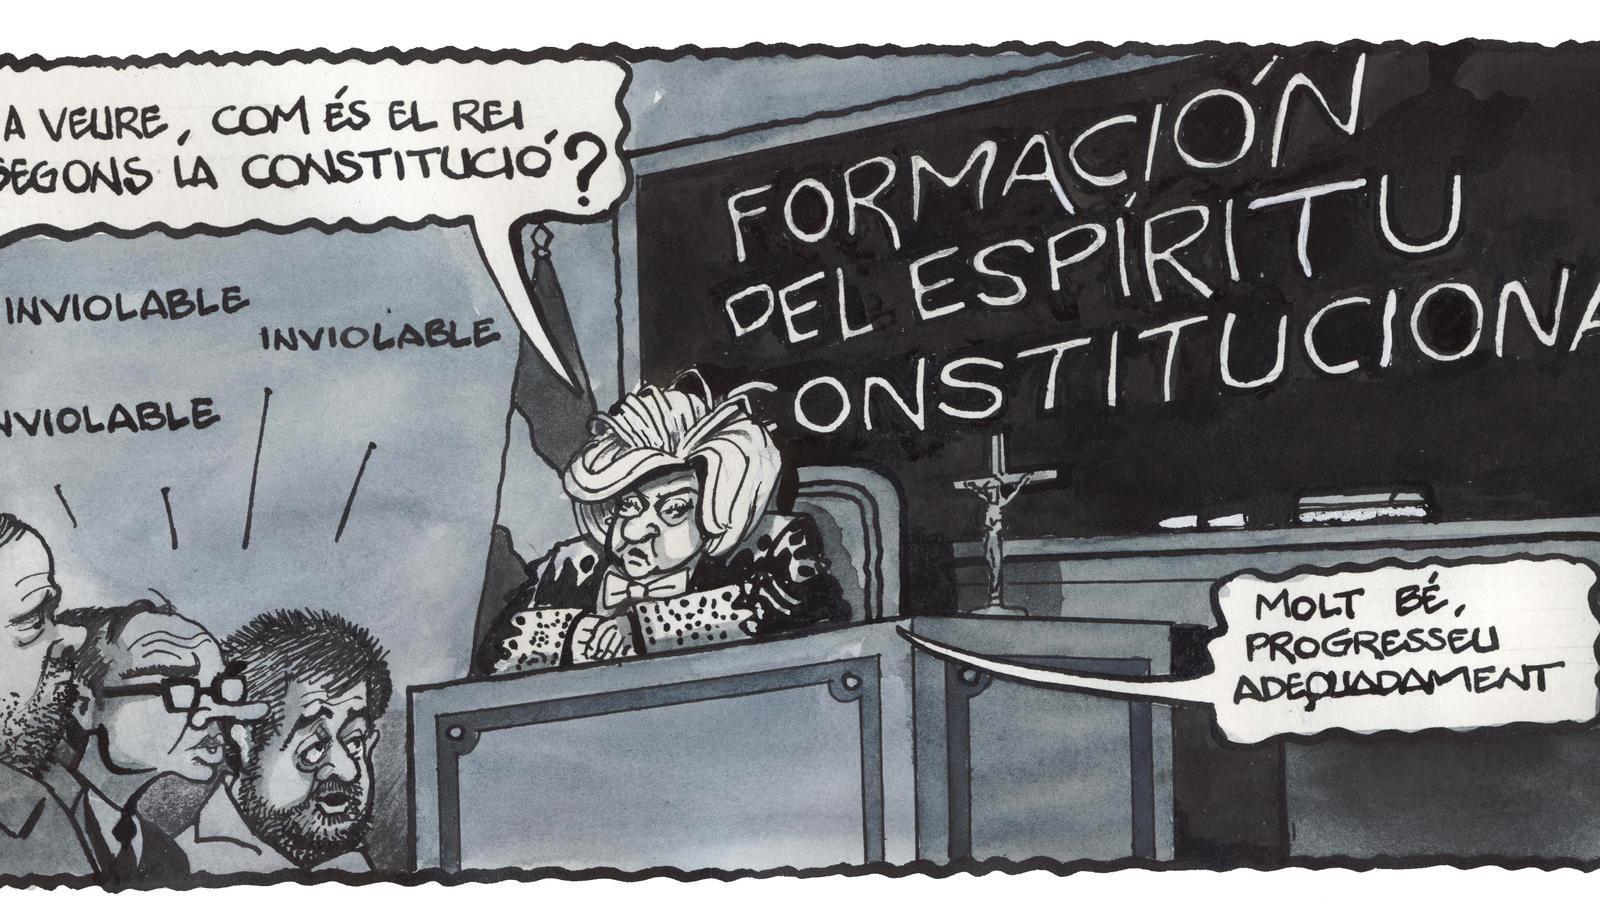 'A la contra', per Ferreres 13/07/2020